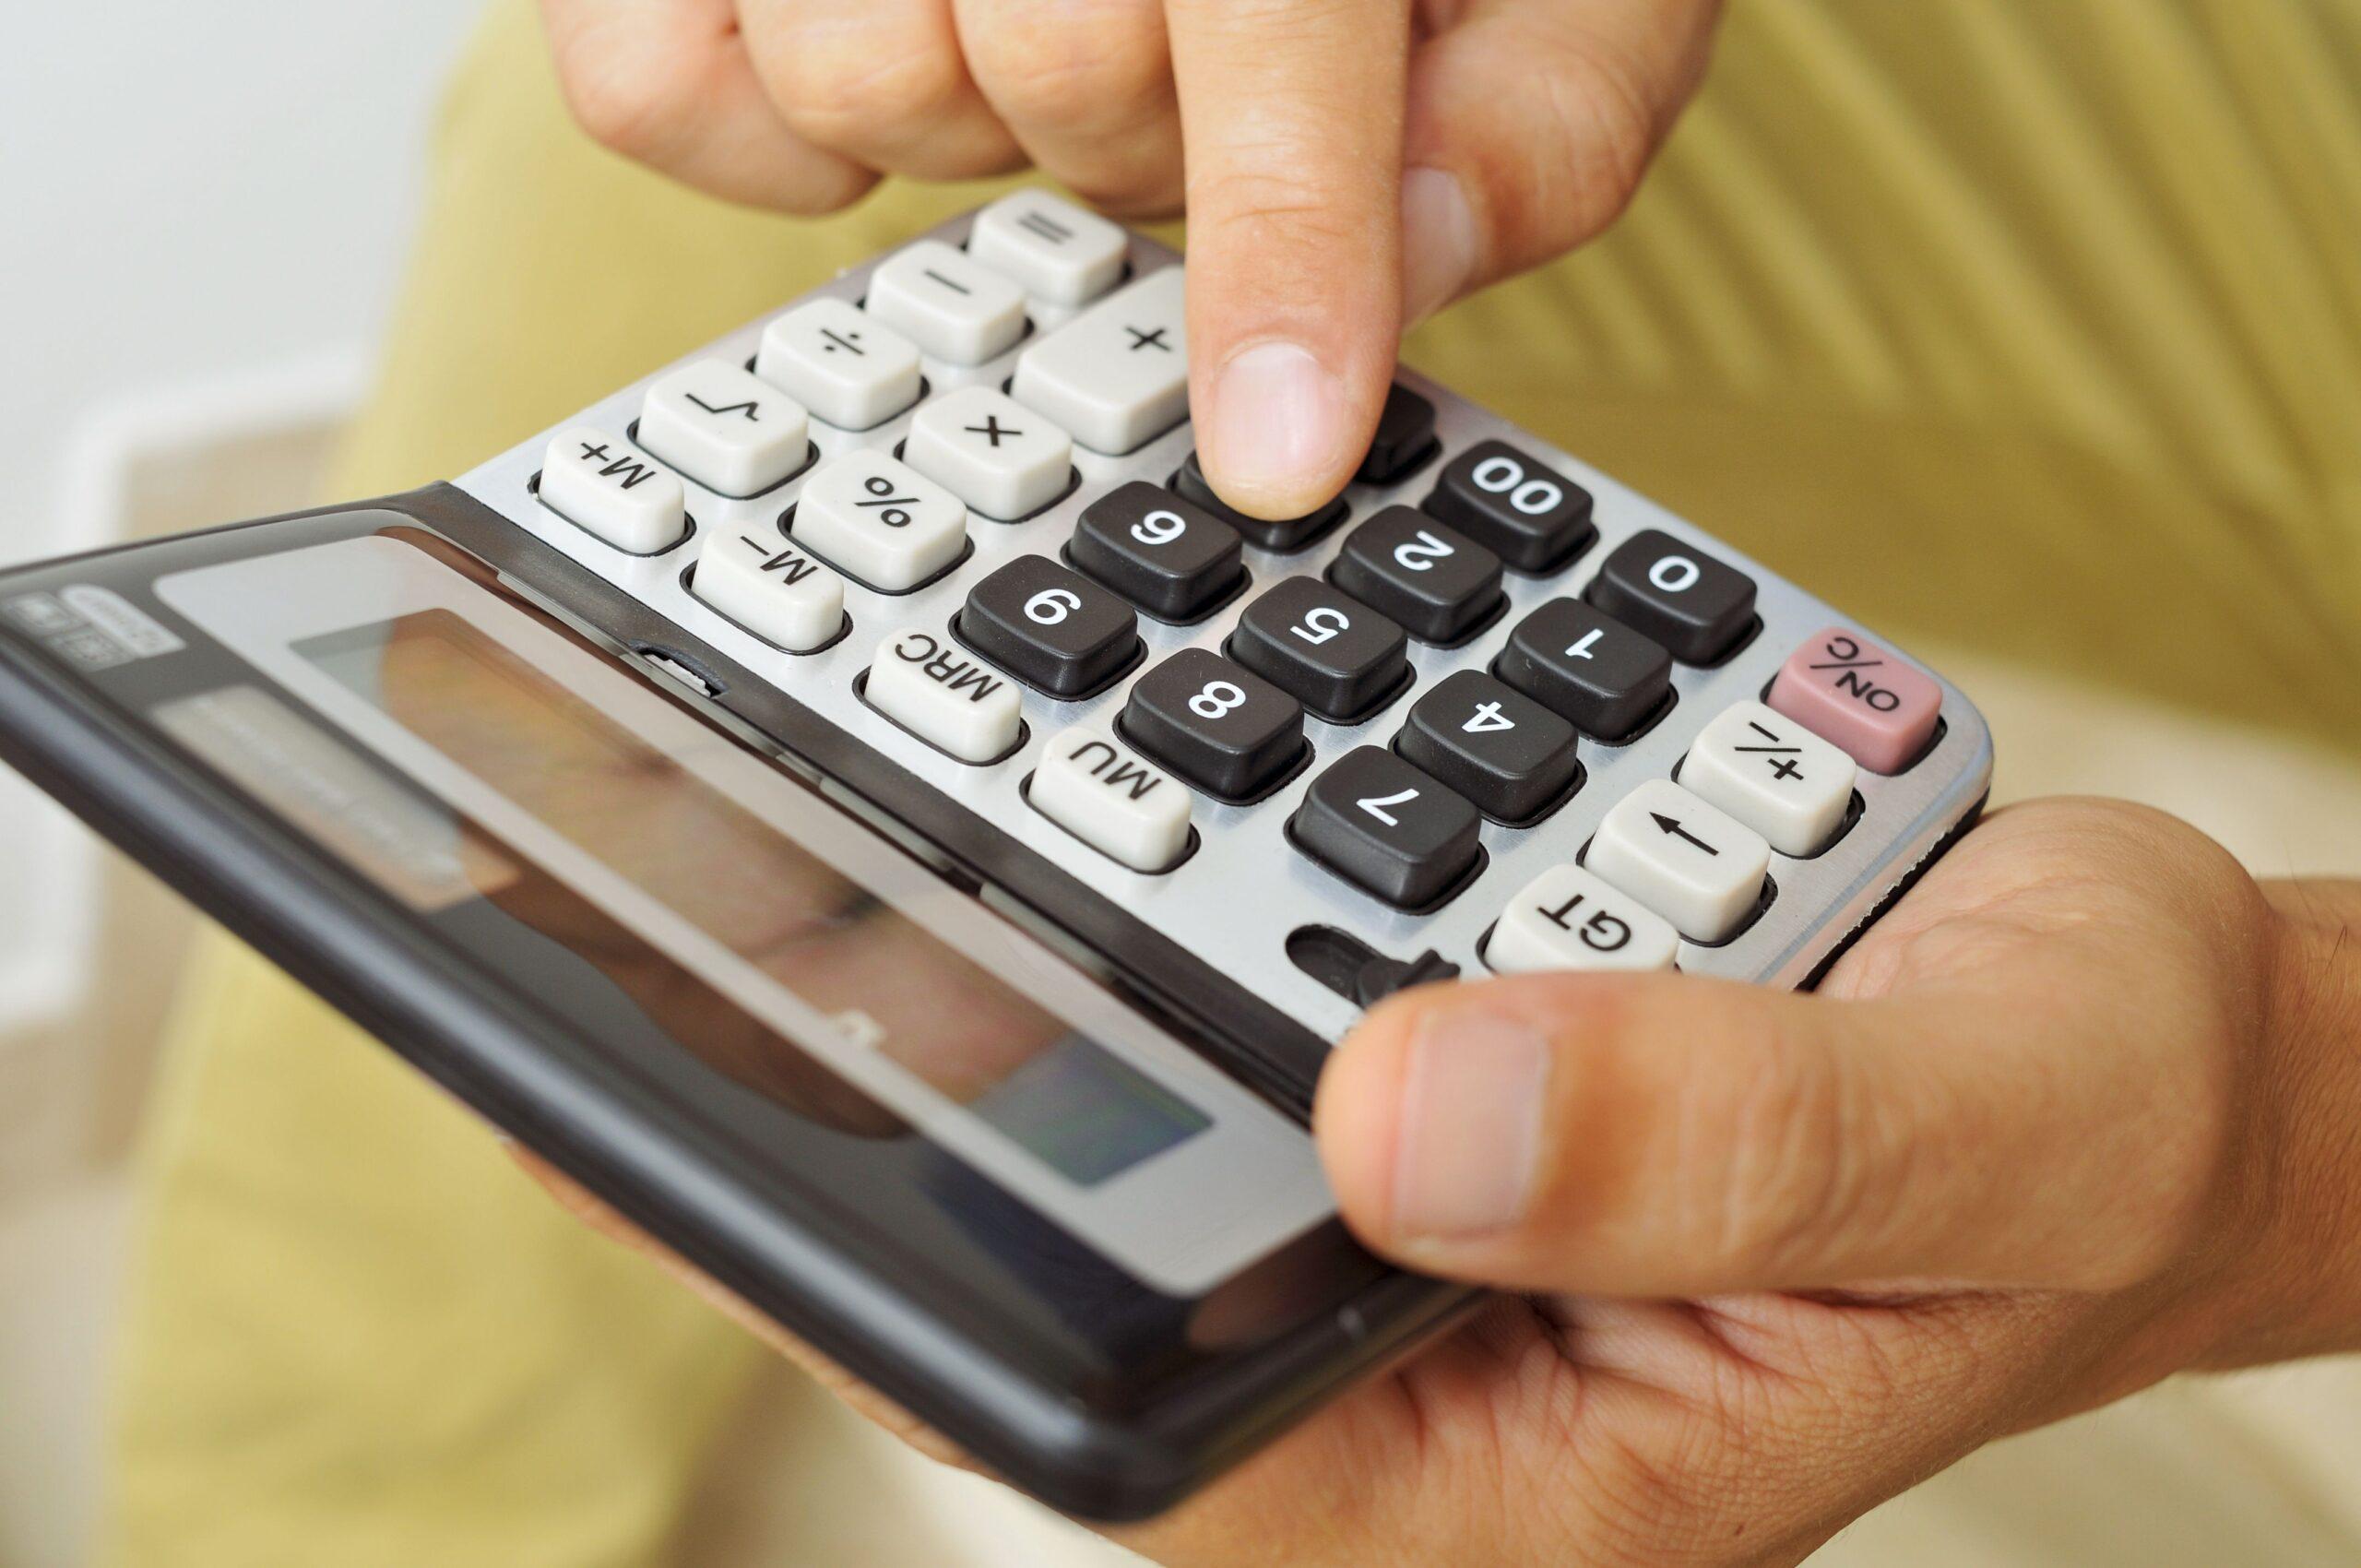 Do I have to make debt payments if I go Bankrupt